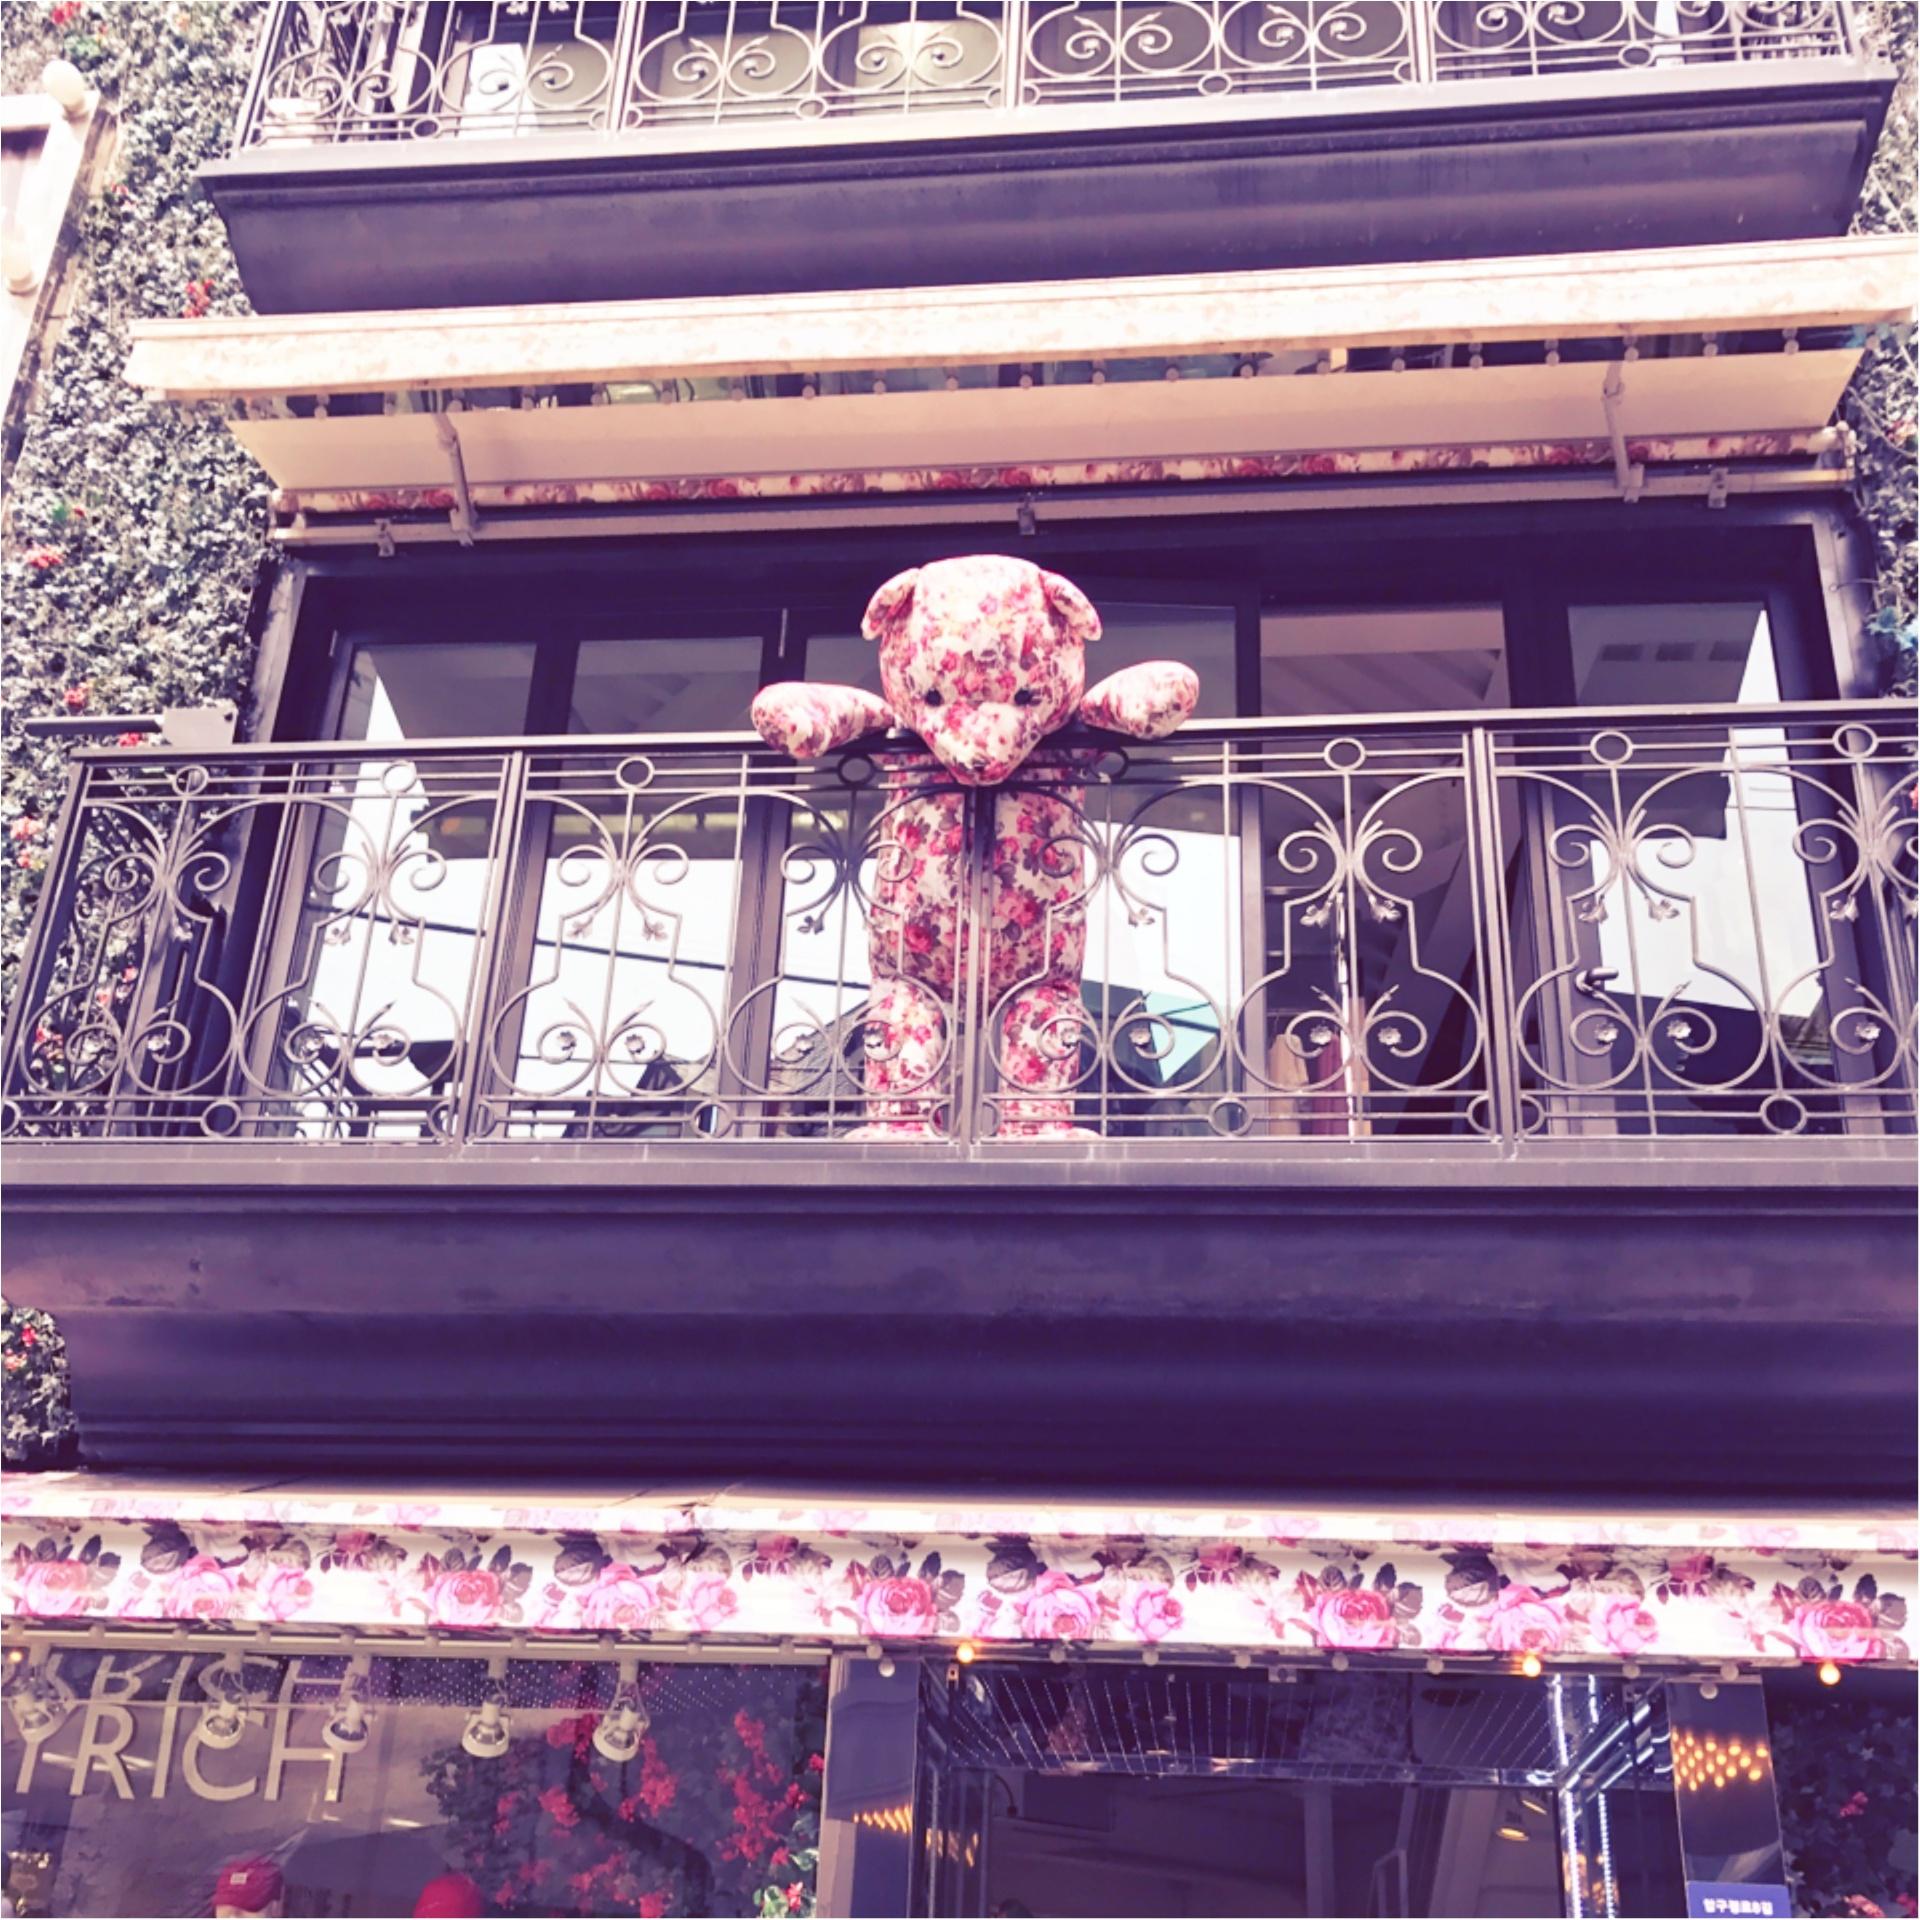 ★写真を撮りたいならココがオススメ!可愛いがたくさん♡韓国のオシャレな街『カロスキルエリア』 は素敵フォトスポット★_9